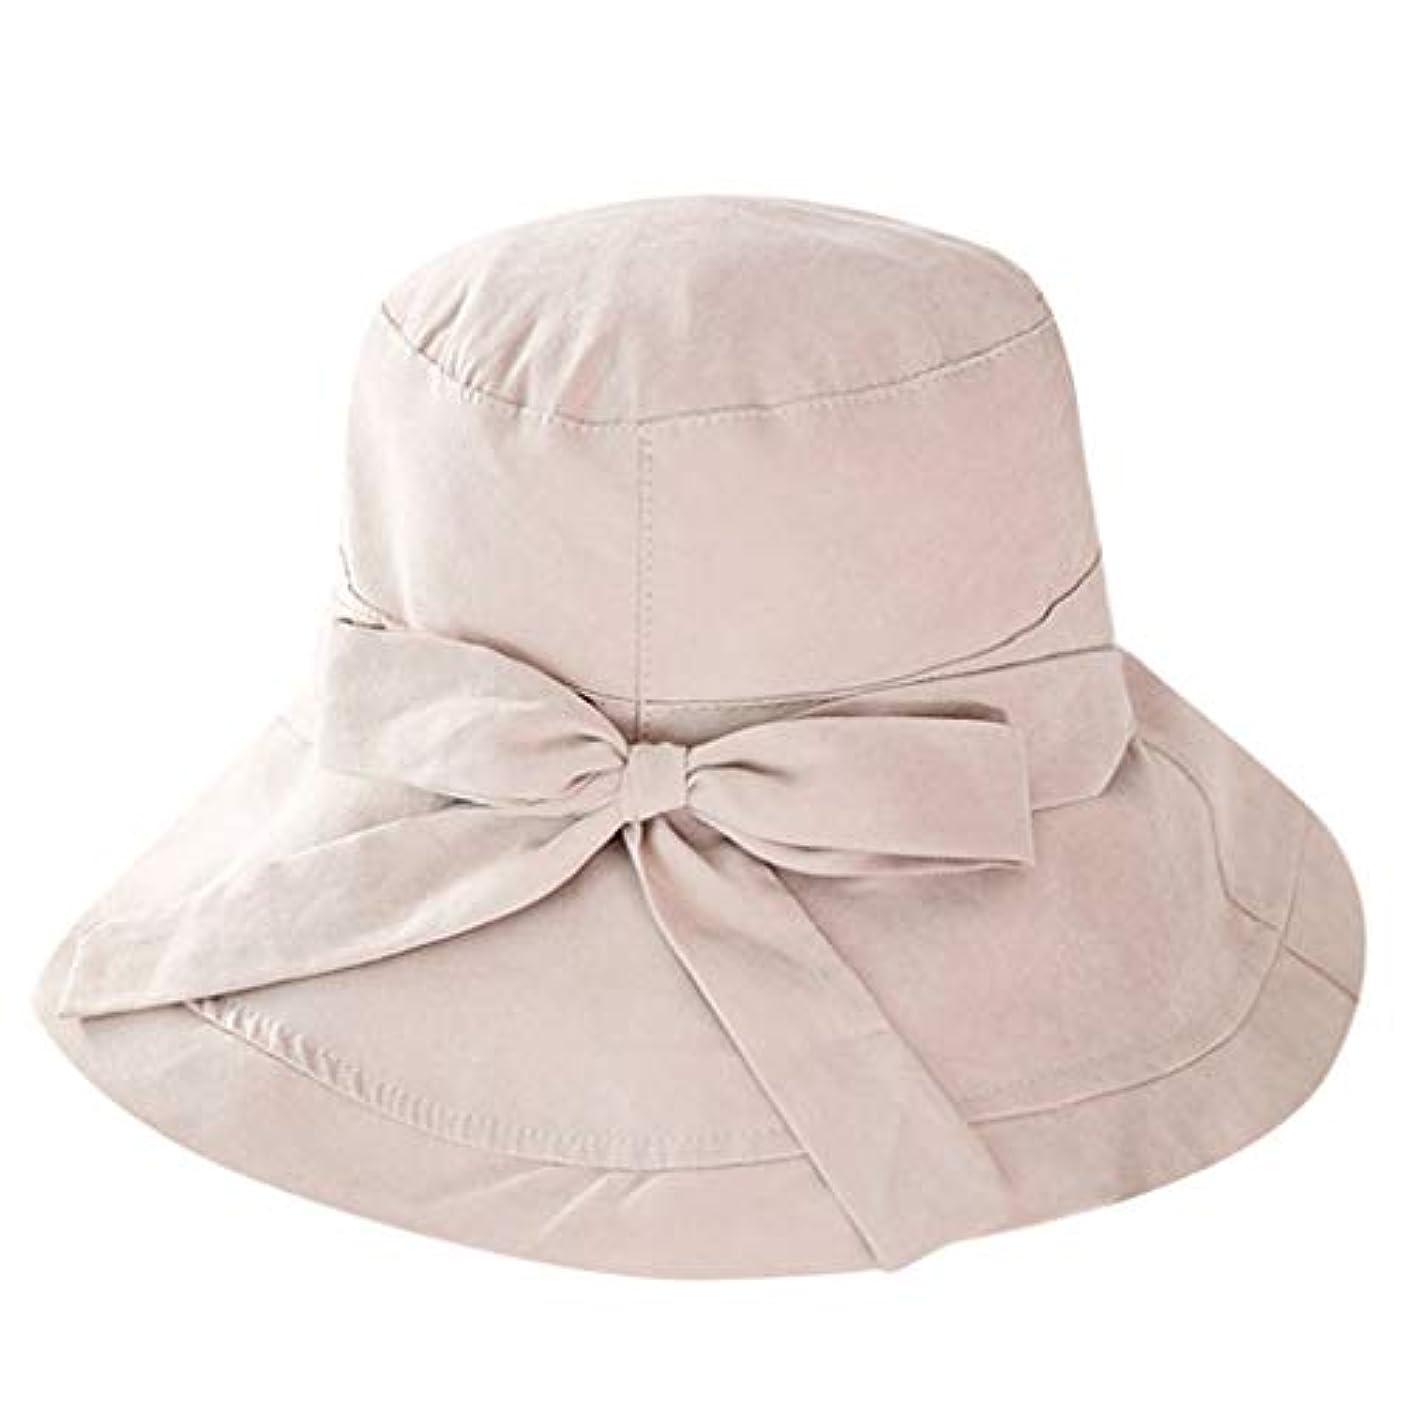 尽きるマルクス主義者起こるKaiweini レディース夏漁夫帽カジュアル日よけバイザービッグエッジクロスキャップ人気の屋外折りたたみビーチキャップチャイルドハット日焼け止め太陽帽